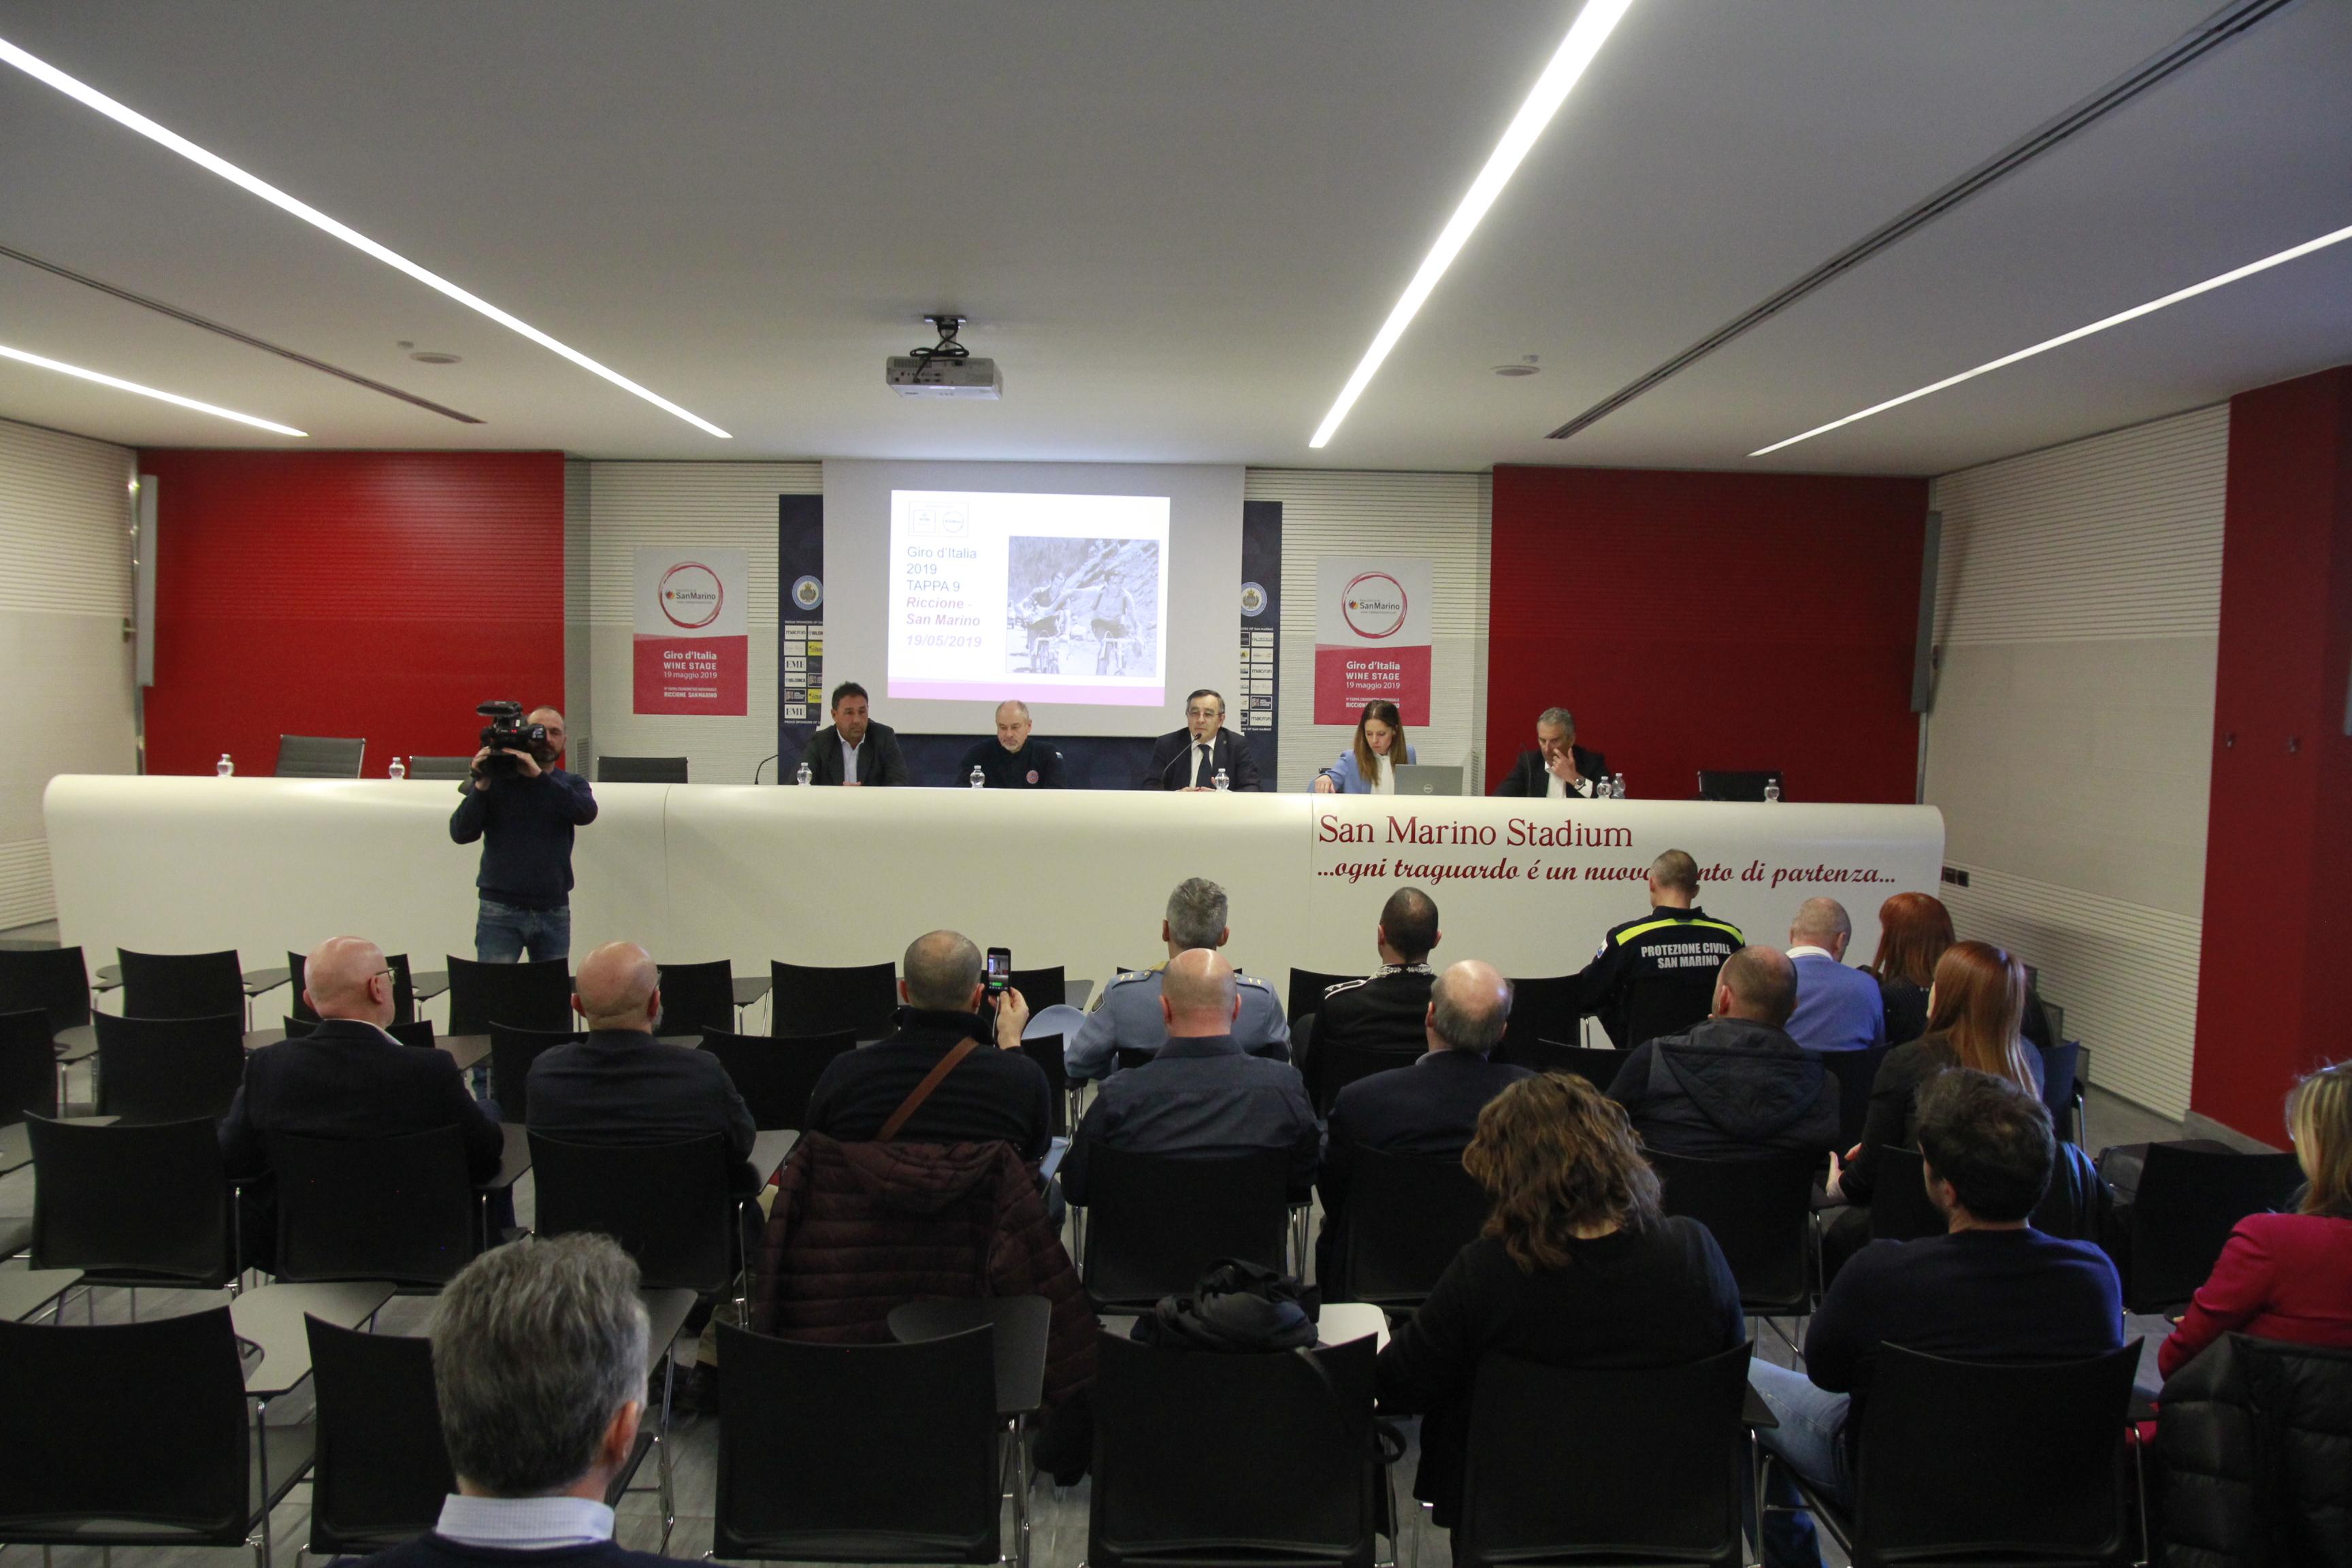 Presentata la nona tappa del Giro d'Italia, la Sangiovese Wine Stage